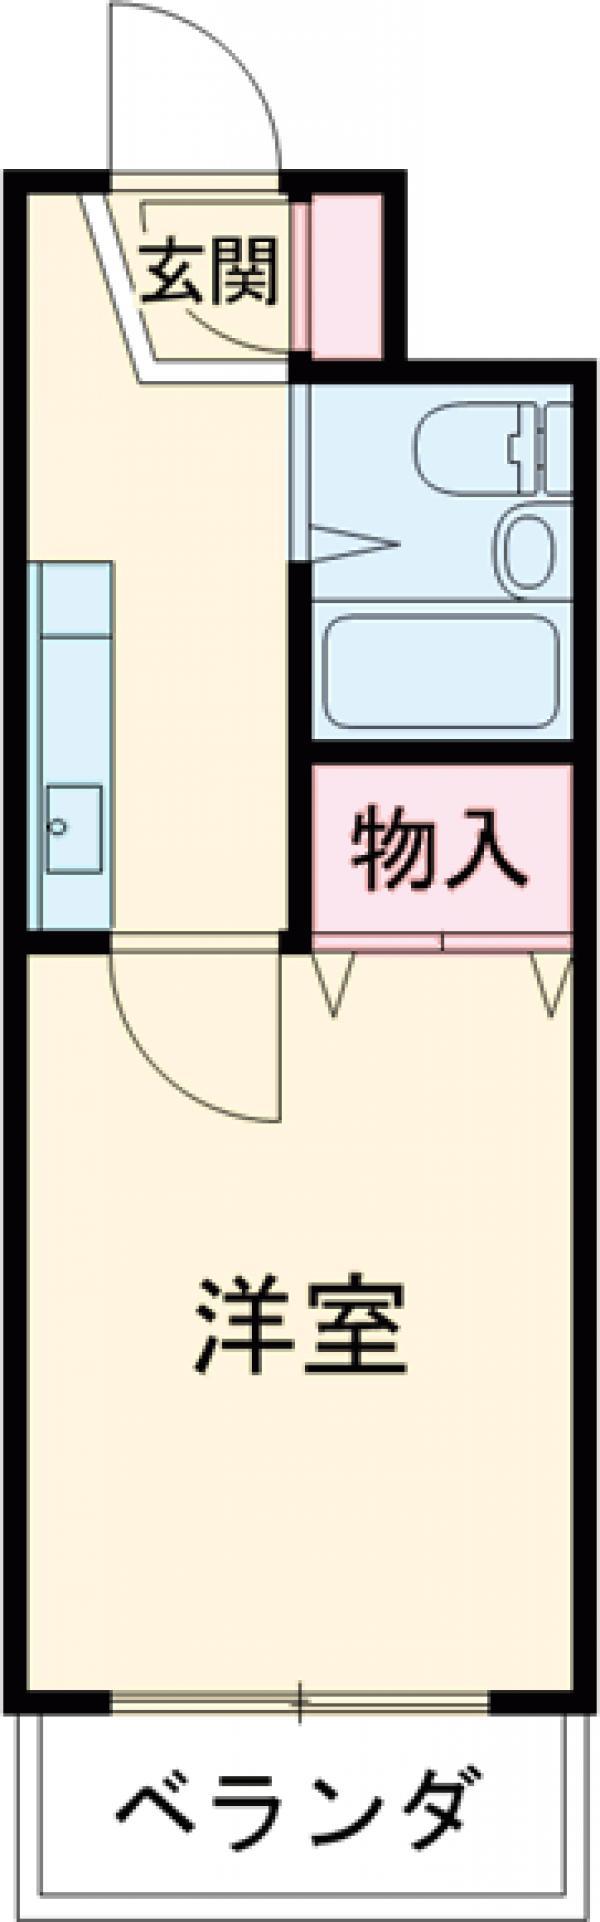 メビウスair 3-C号室の間取り